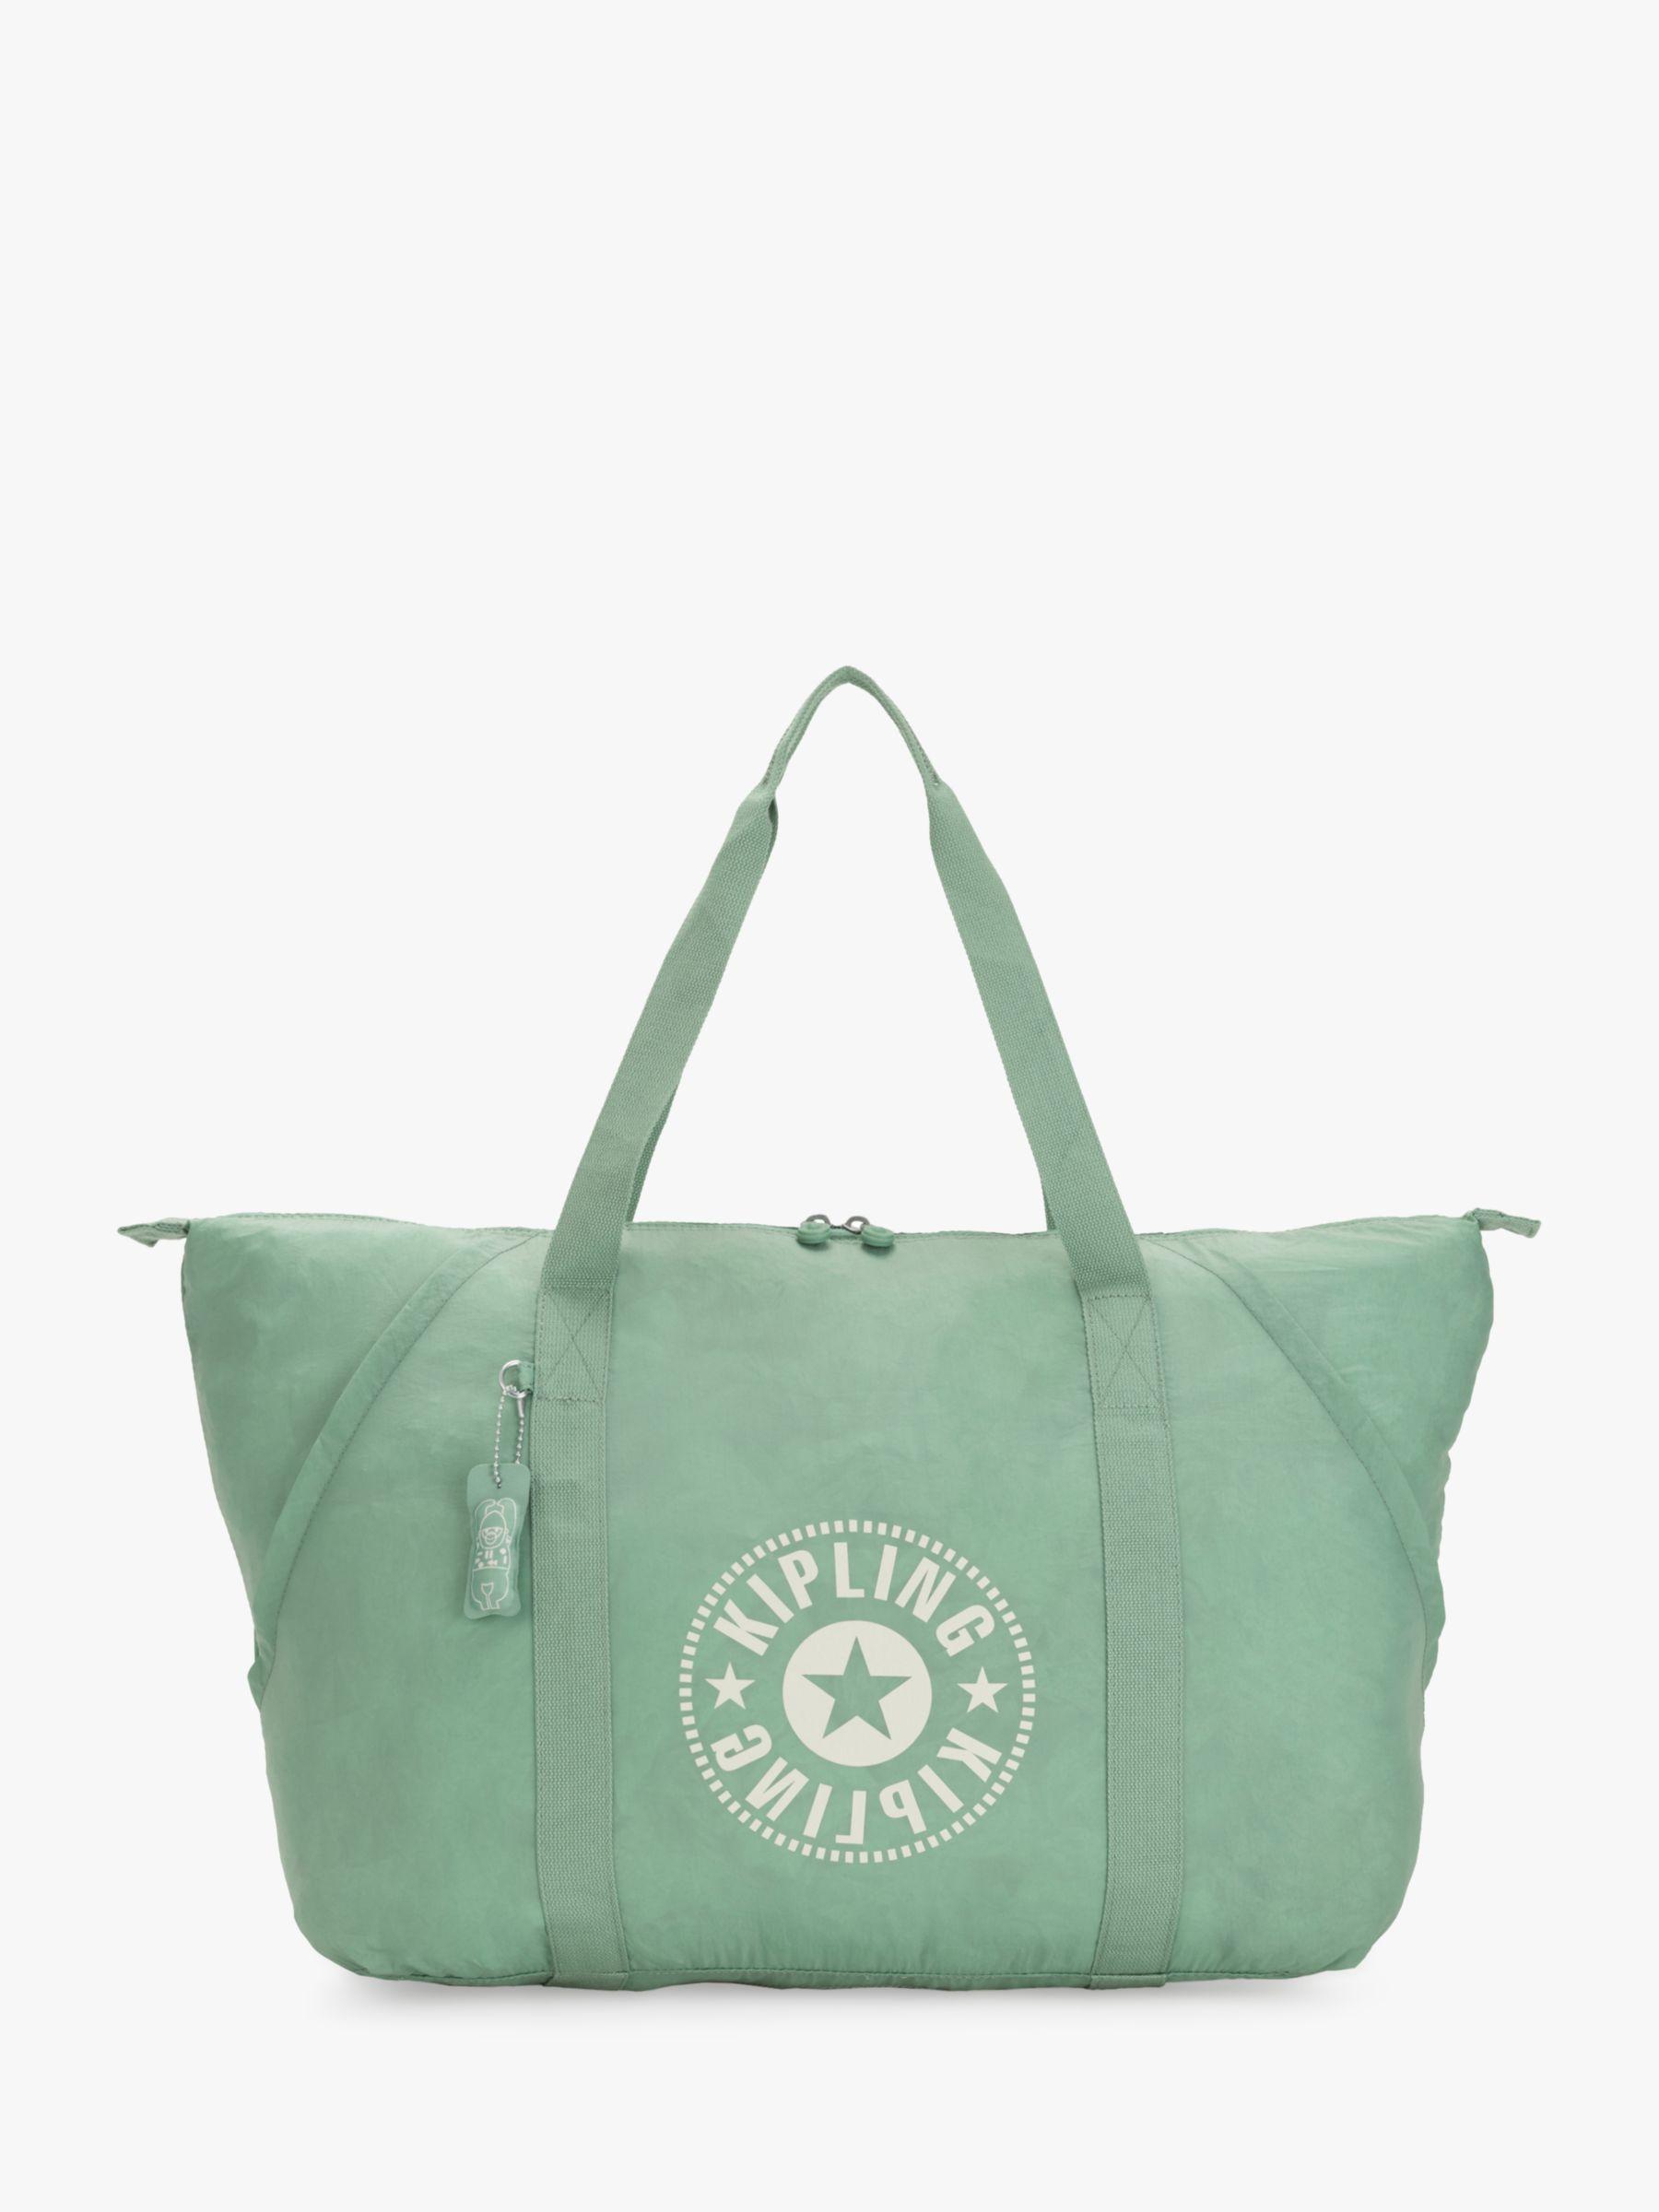 Kipling Kipling Totepack Packable Bag